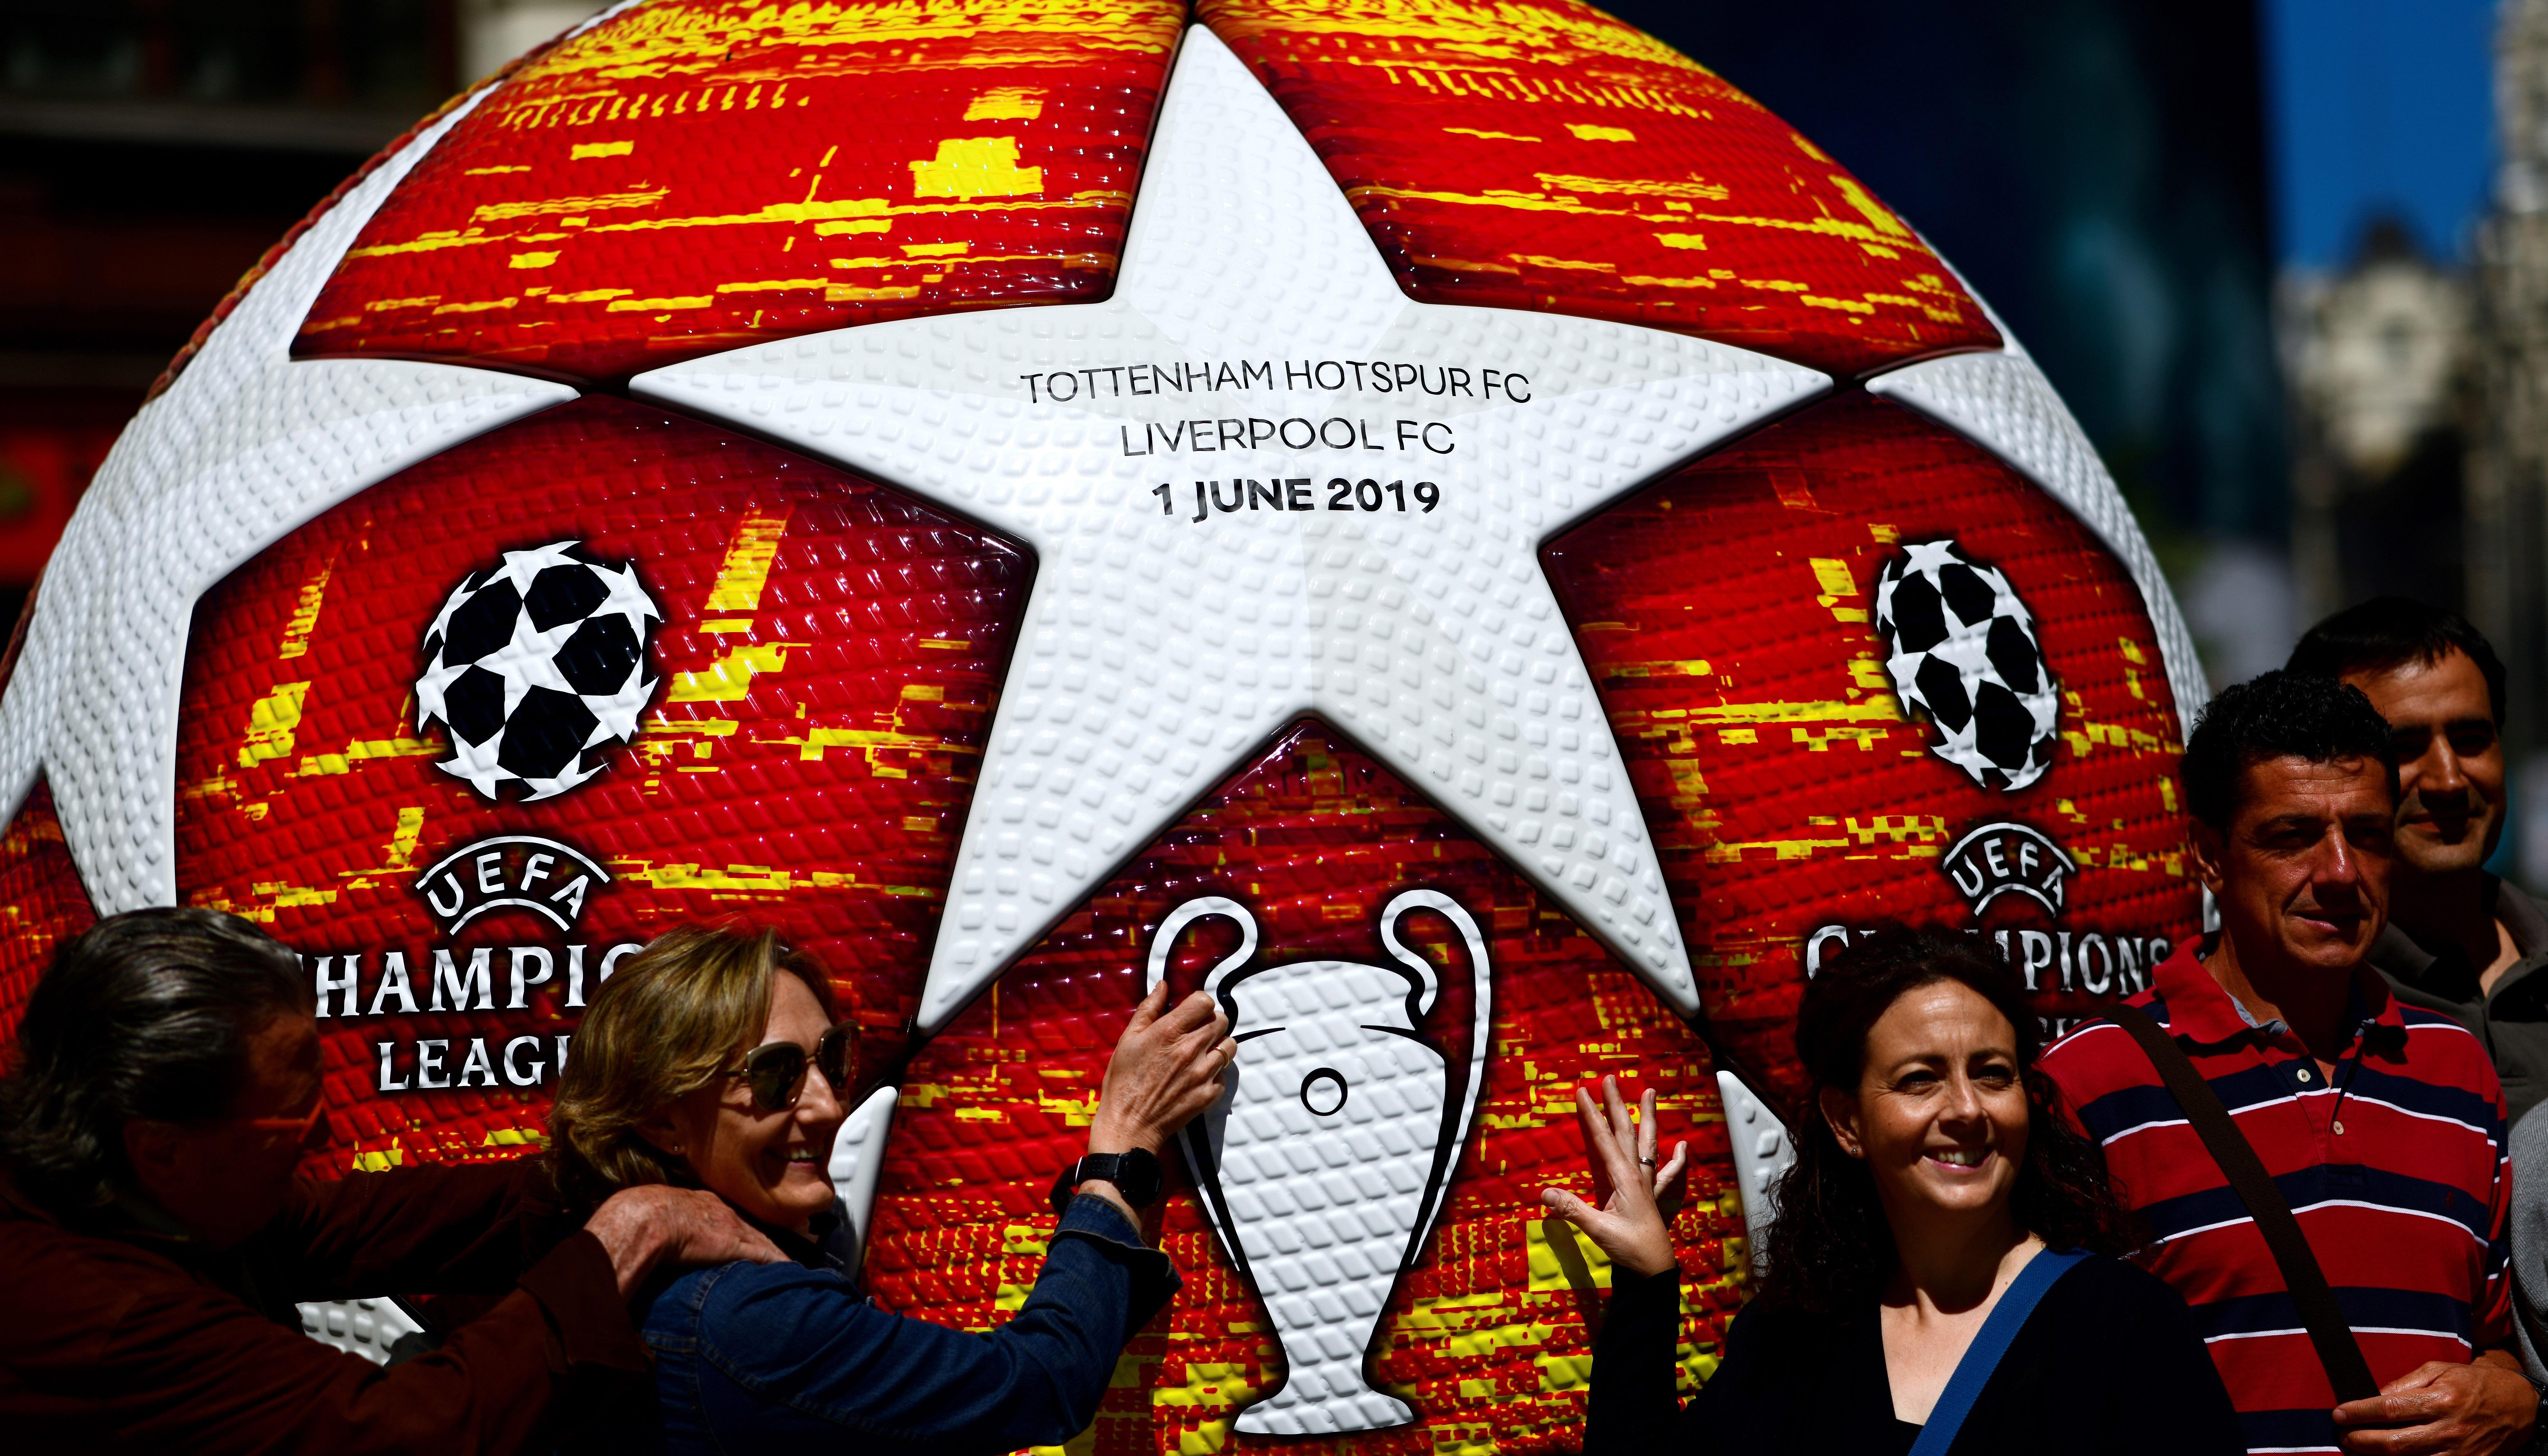 Die bwin Spezialwetten zum Champions League-Finale